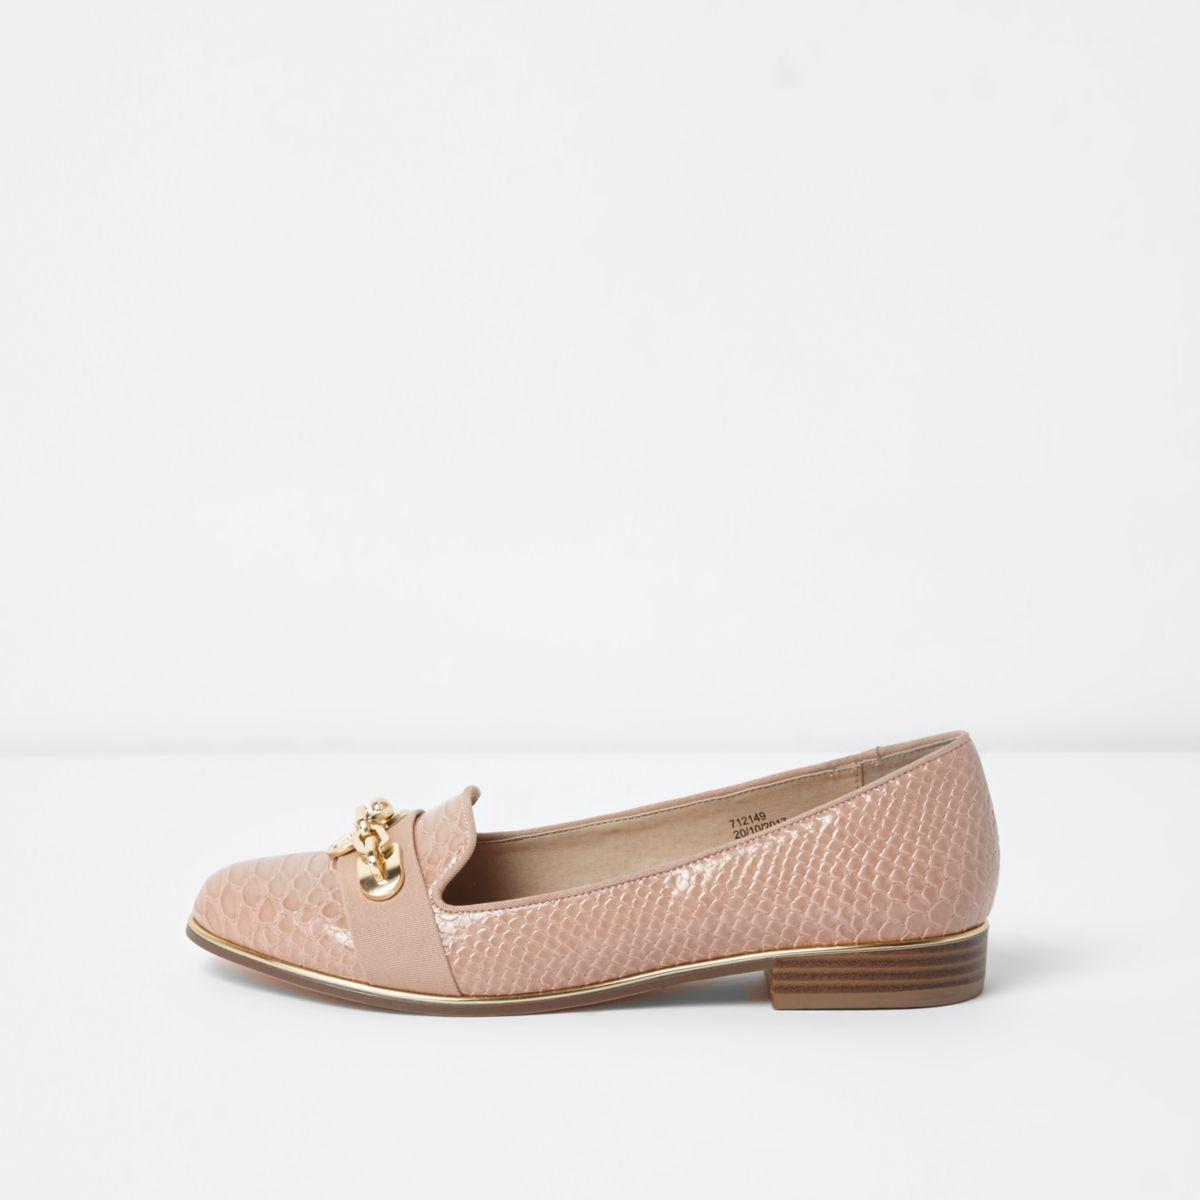 Light pink chain snake embossed slippers